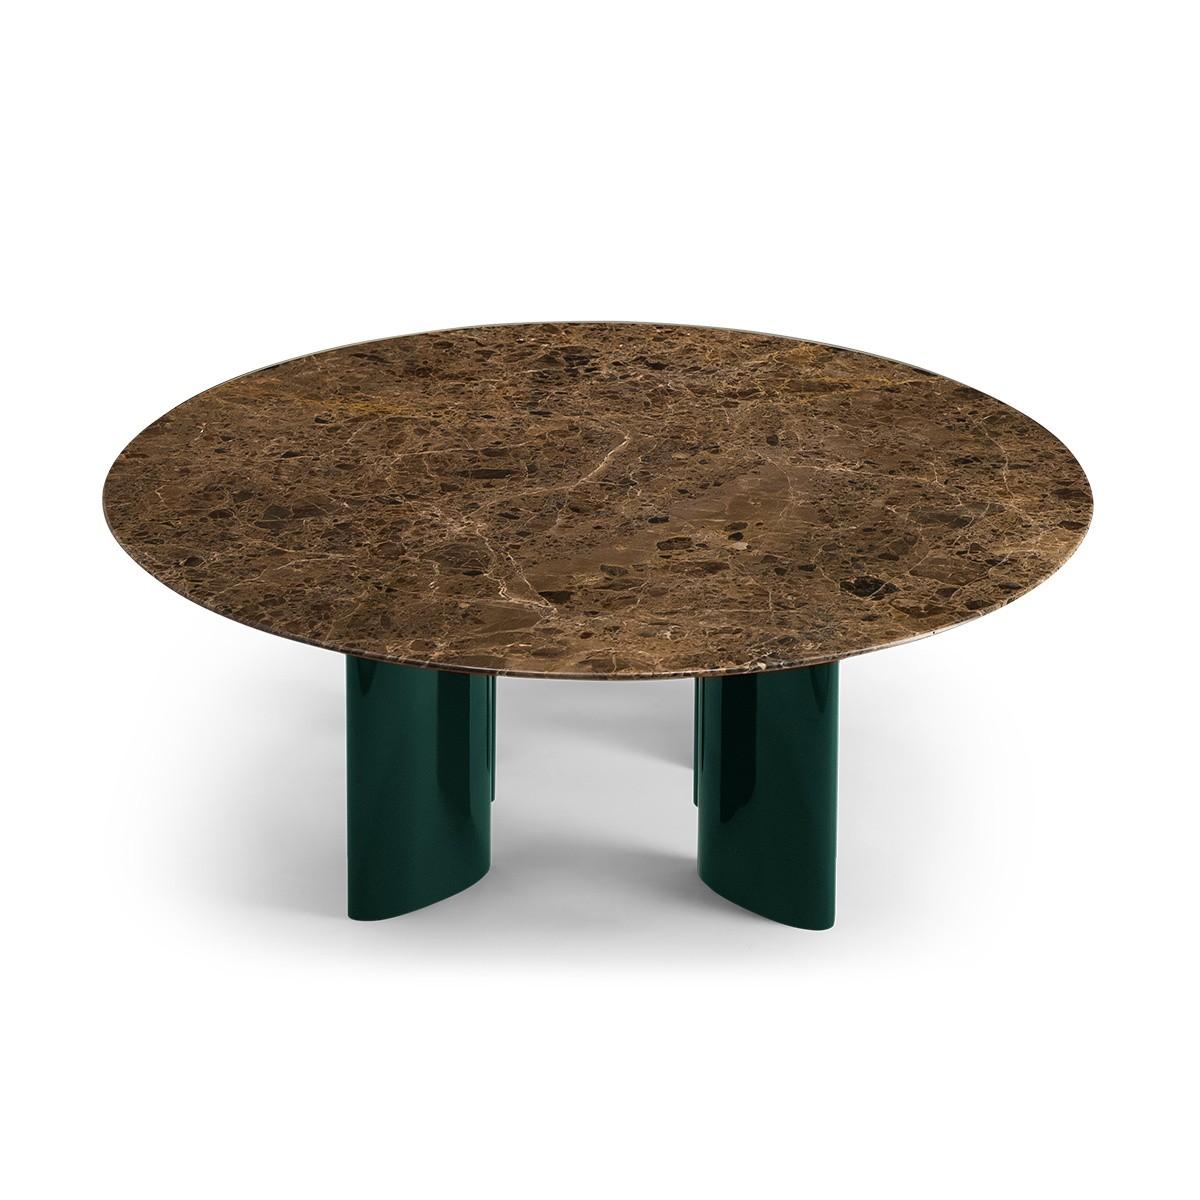 Table basse Carlotta pieds laques vert et marbre marron